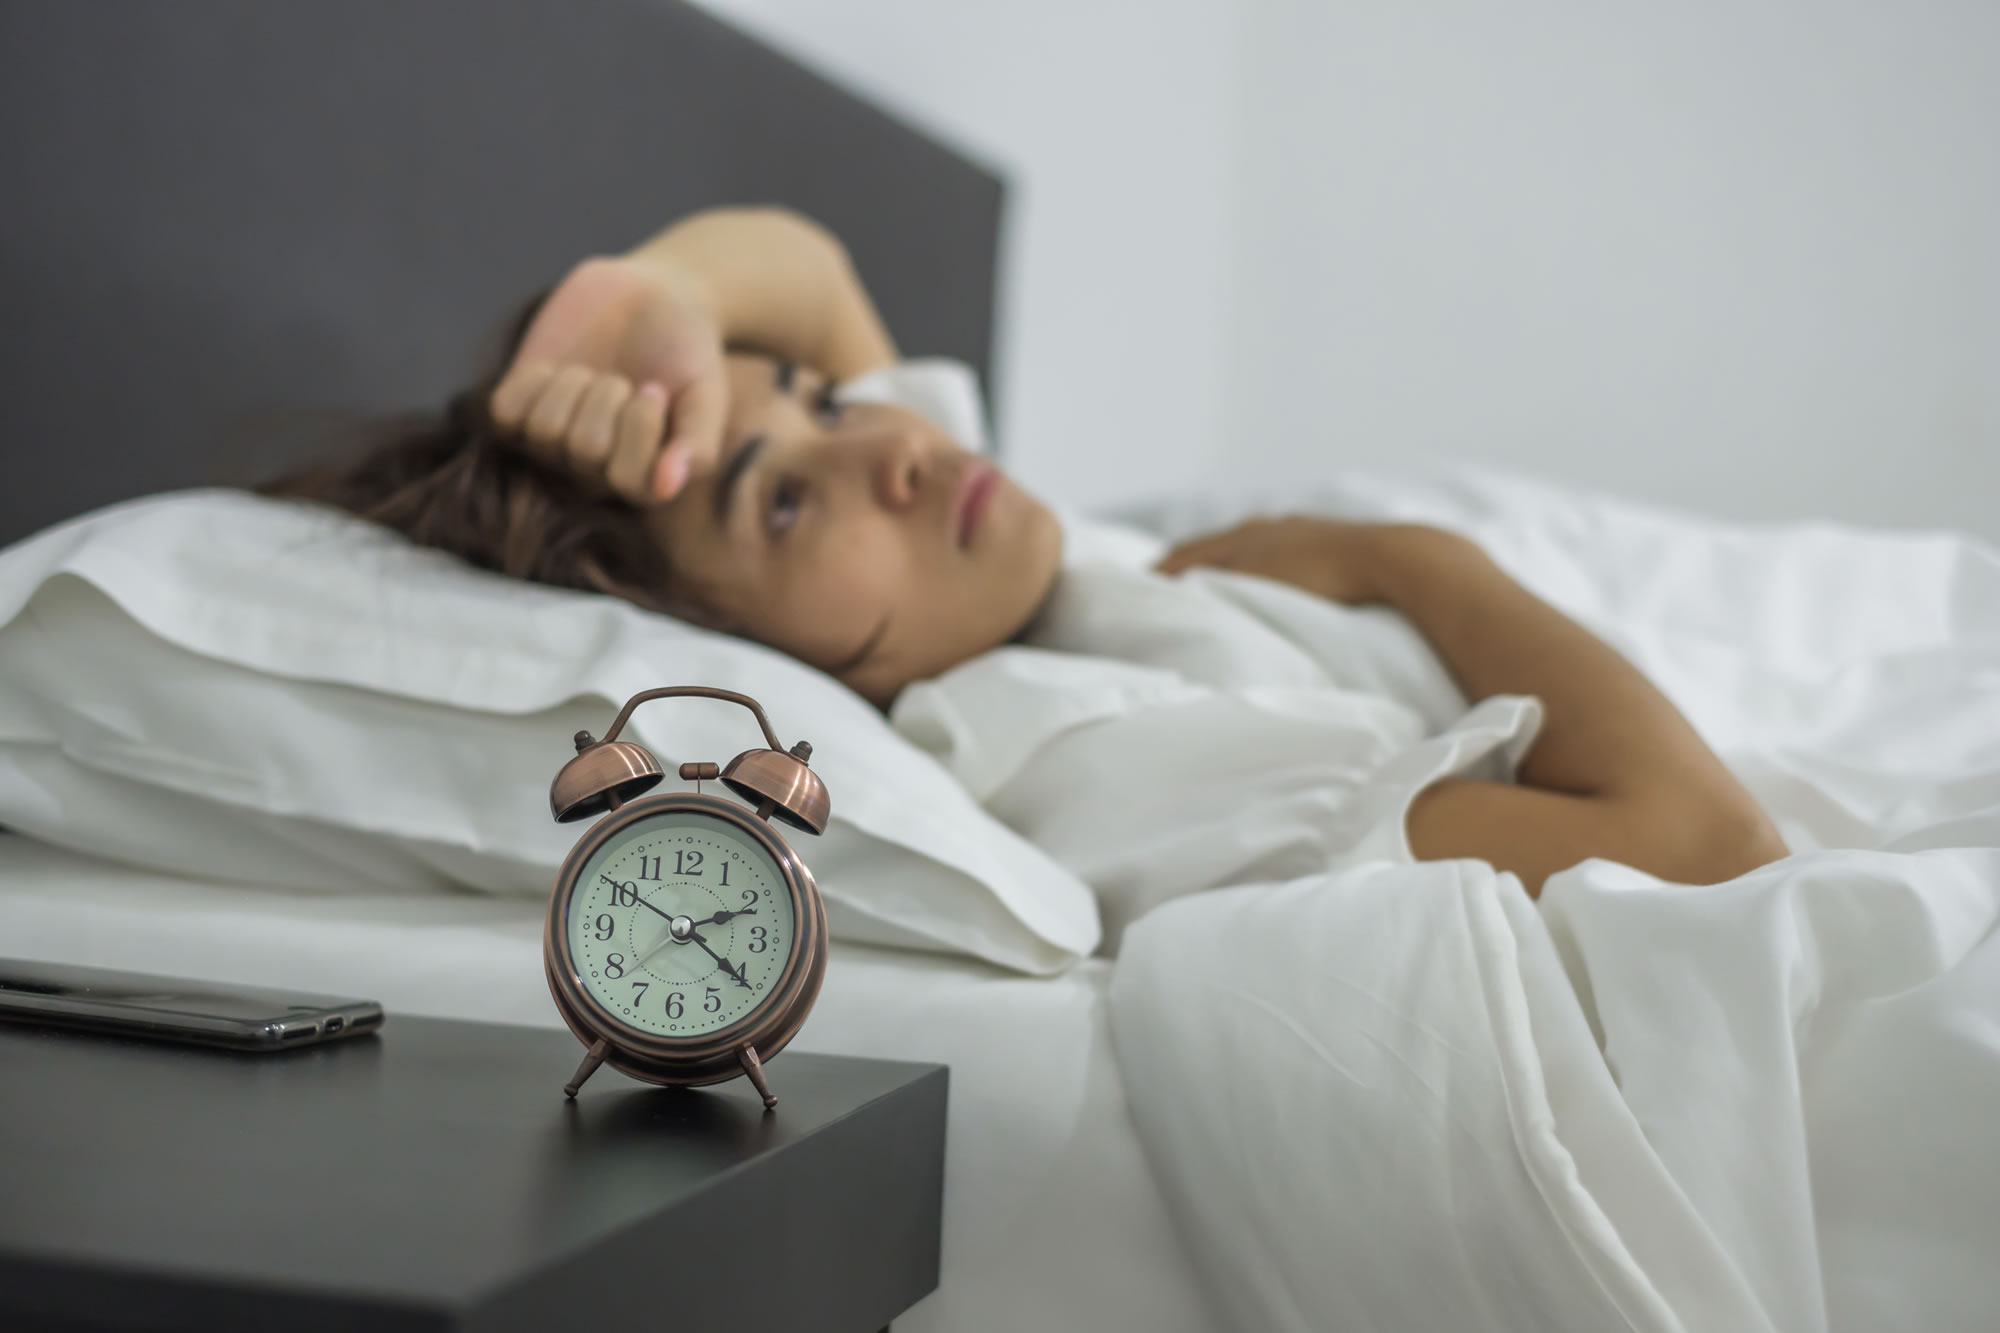 Qualidade do sono - insônia